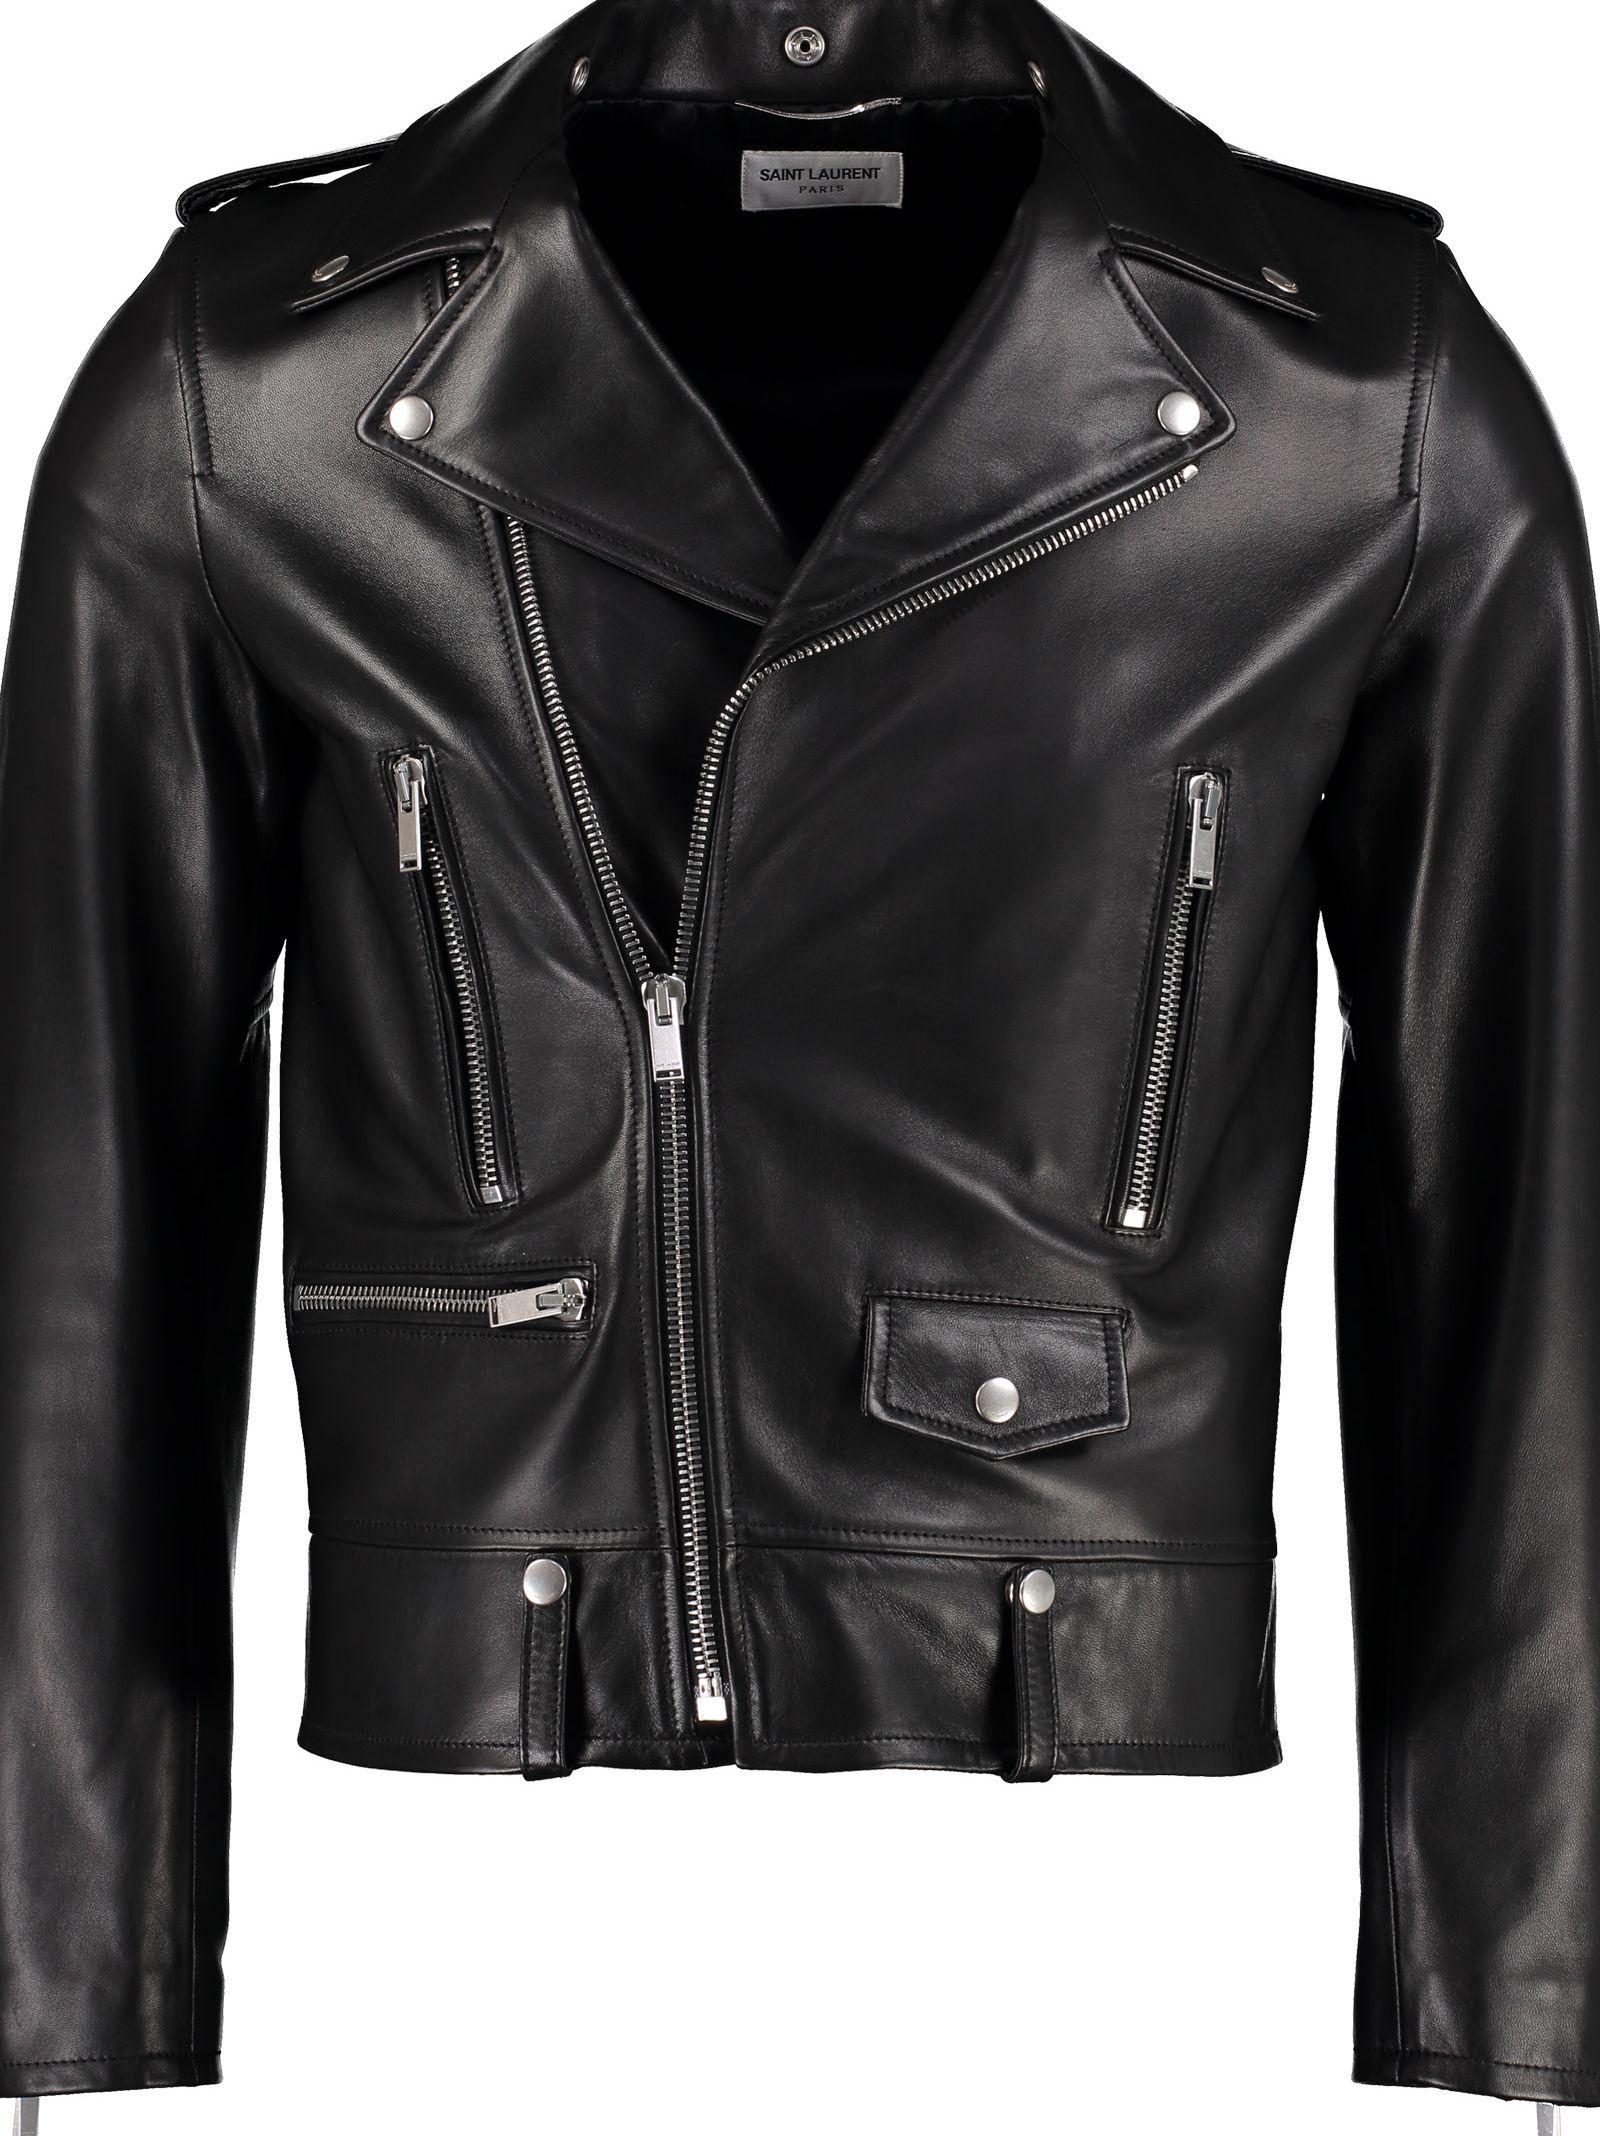 Saint Laurent Leather Biker Jacket Saintlaurent Cloth Biker Jacket Jackets Leather Biker Jacket [ 2136 x 1600 Pixel ]